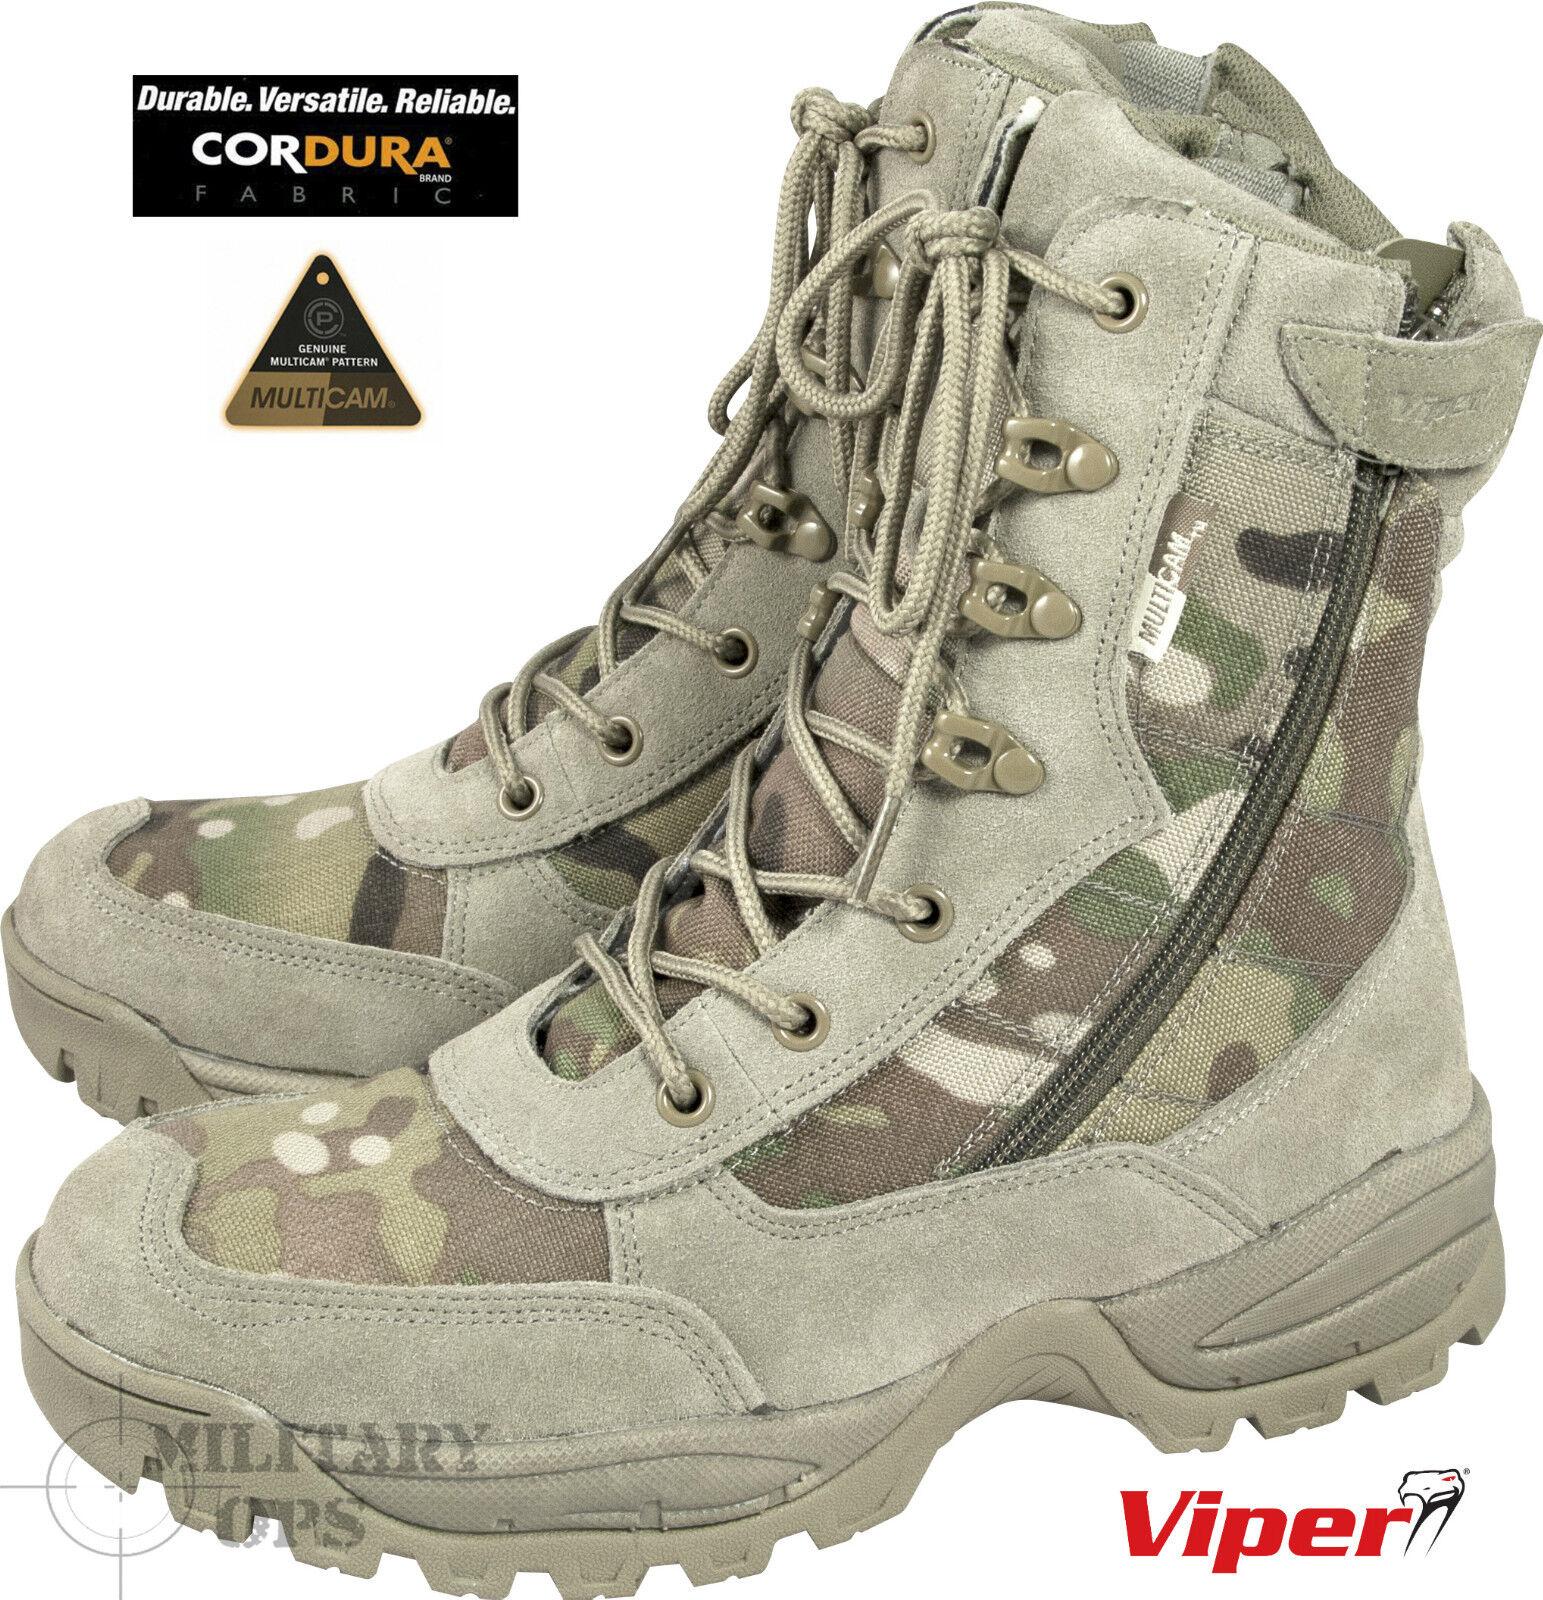 nuovi prodotti novità Viper Special Ops Patrol Multicam Multicam Multicam Stivali MTP Combat Militare Tattico cerniera laterale  negozio fa acquisti e vendite